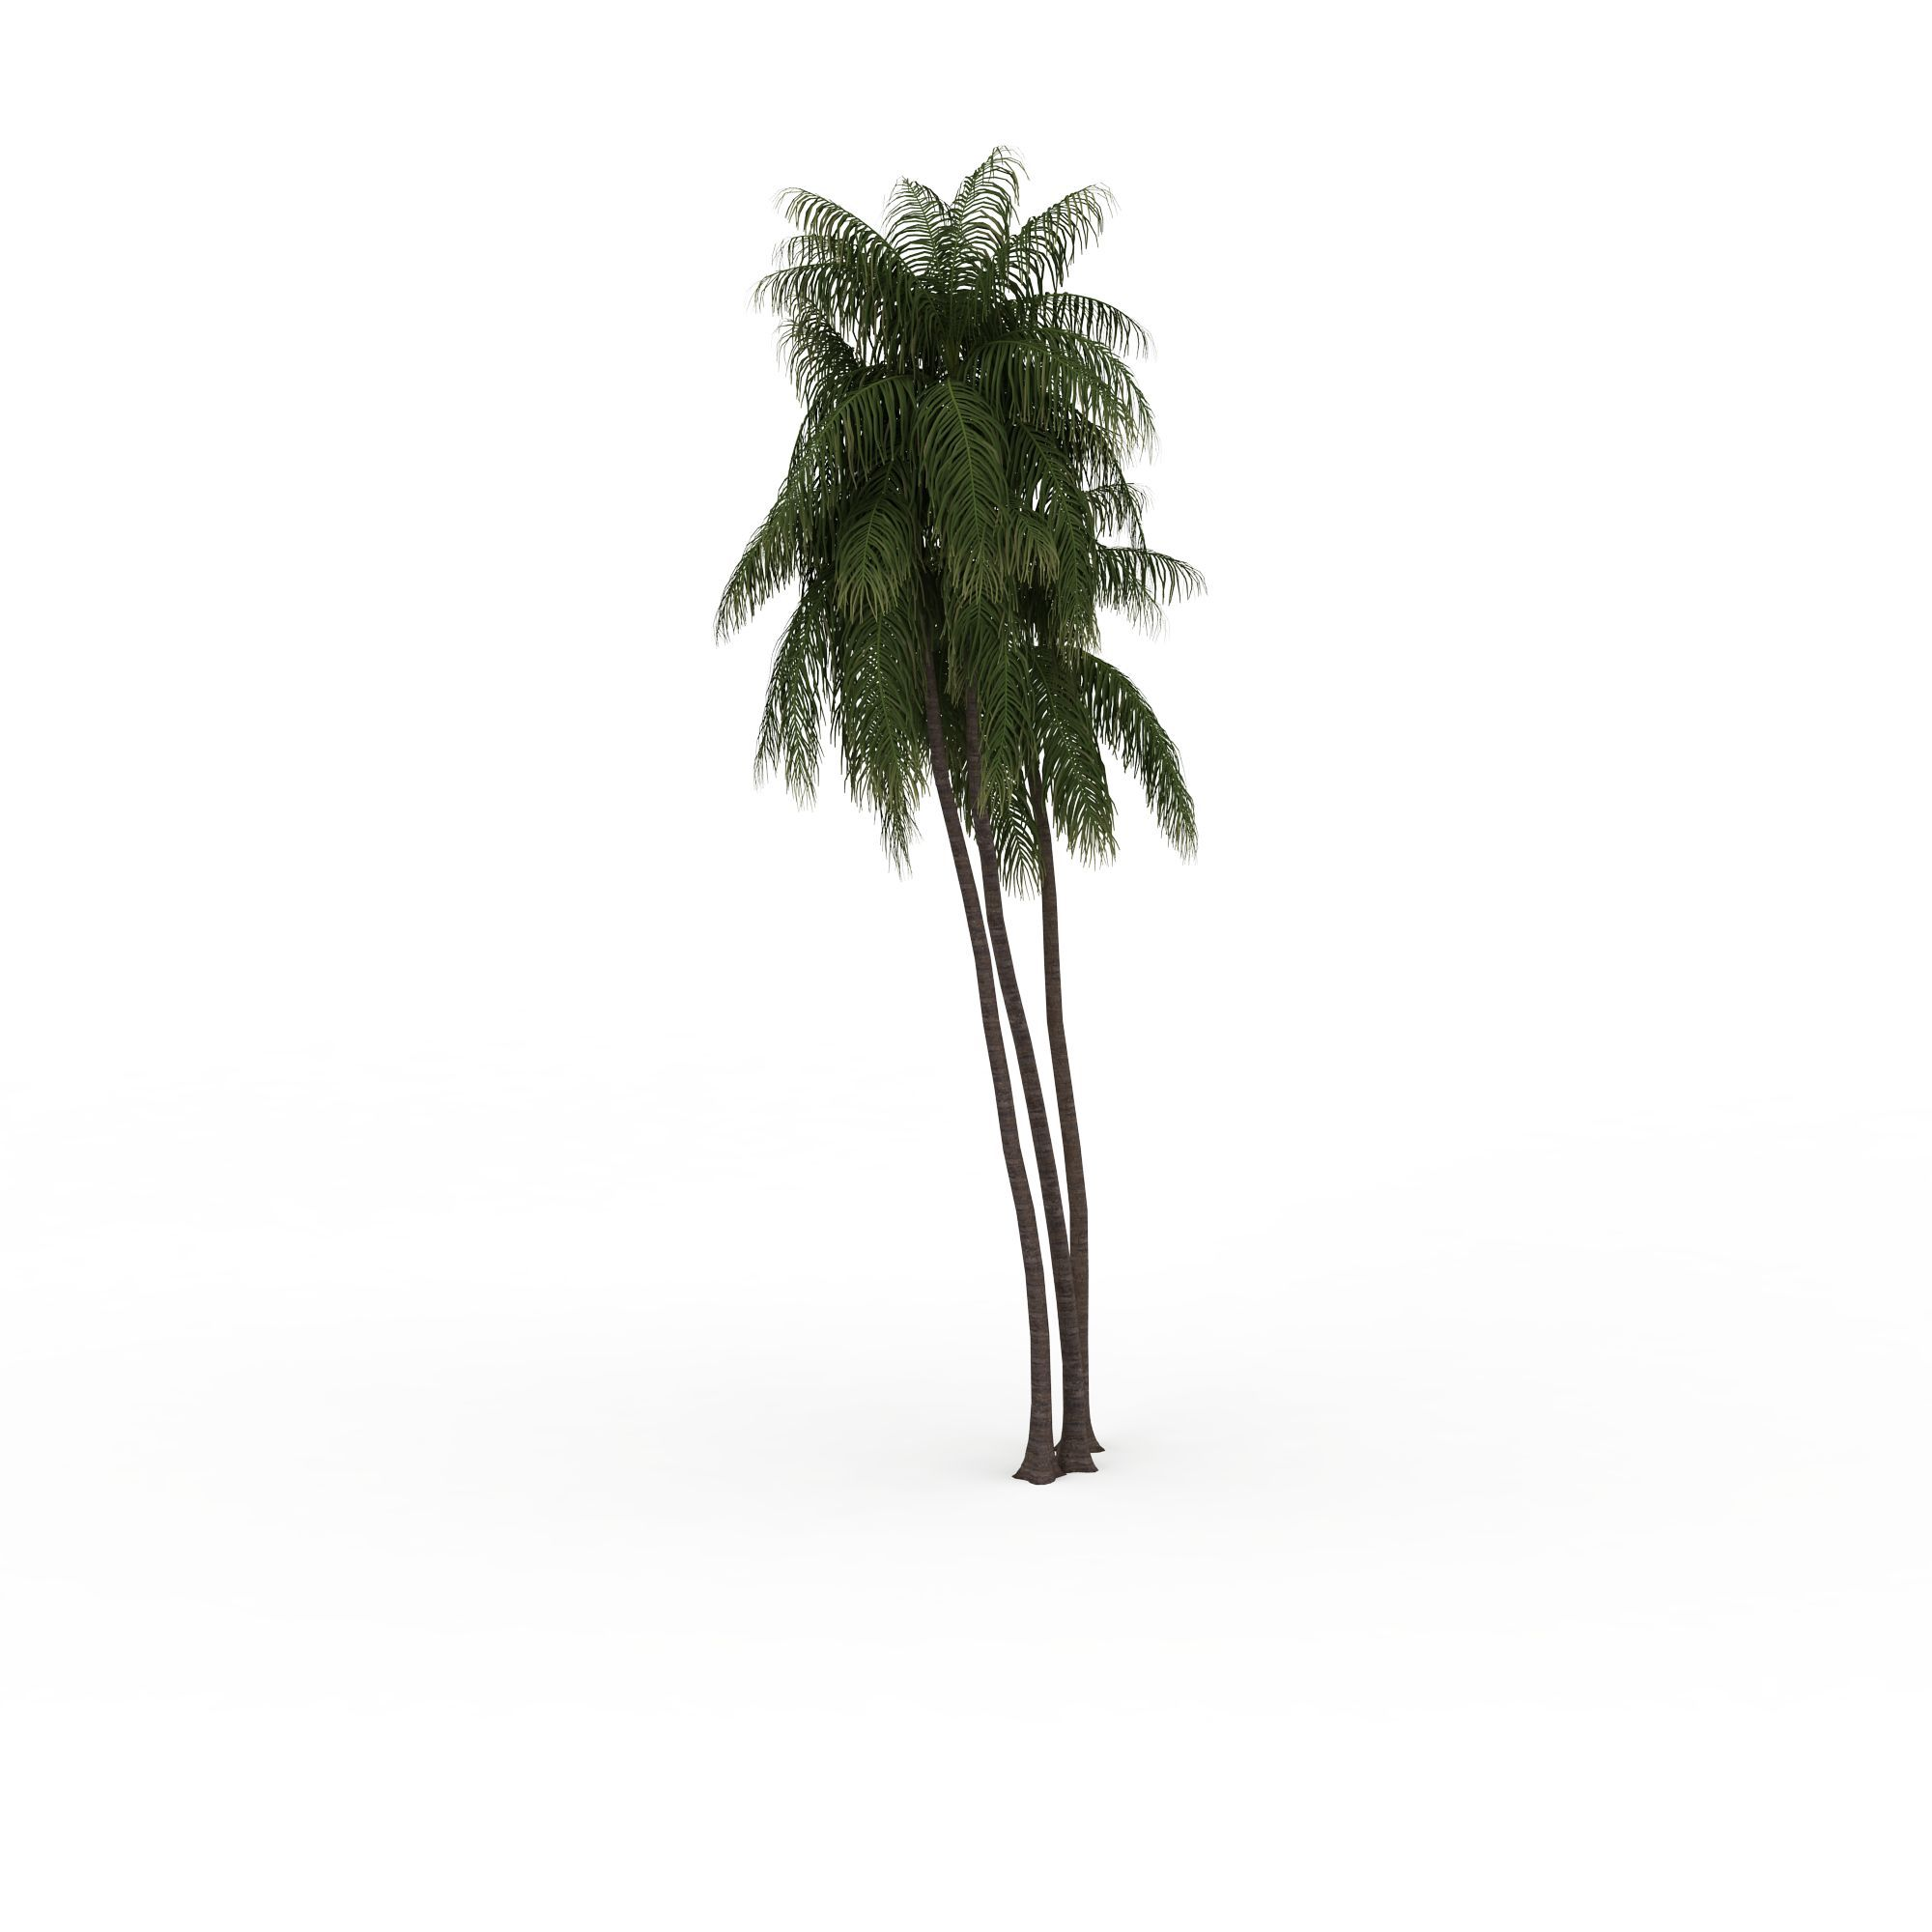 蕨叶树图片_蕨叶树png图片素材_蕨叶树png高清图下载